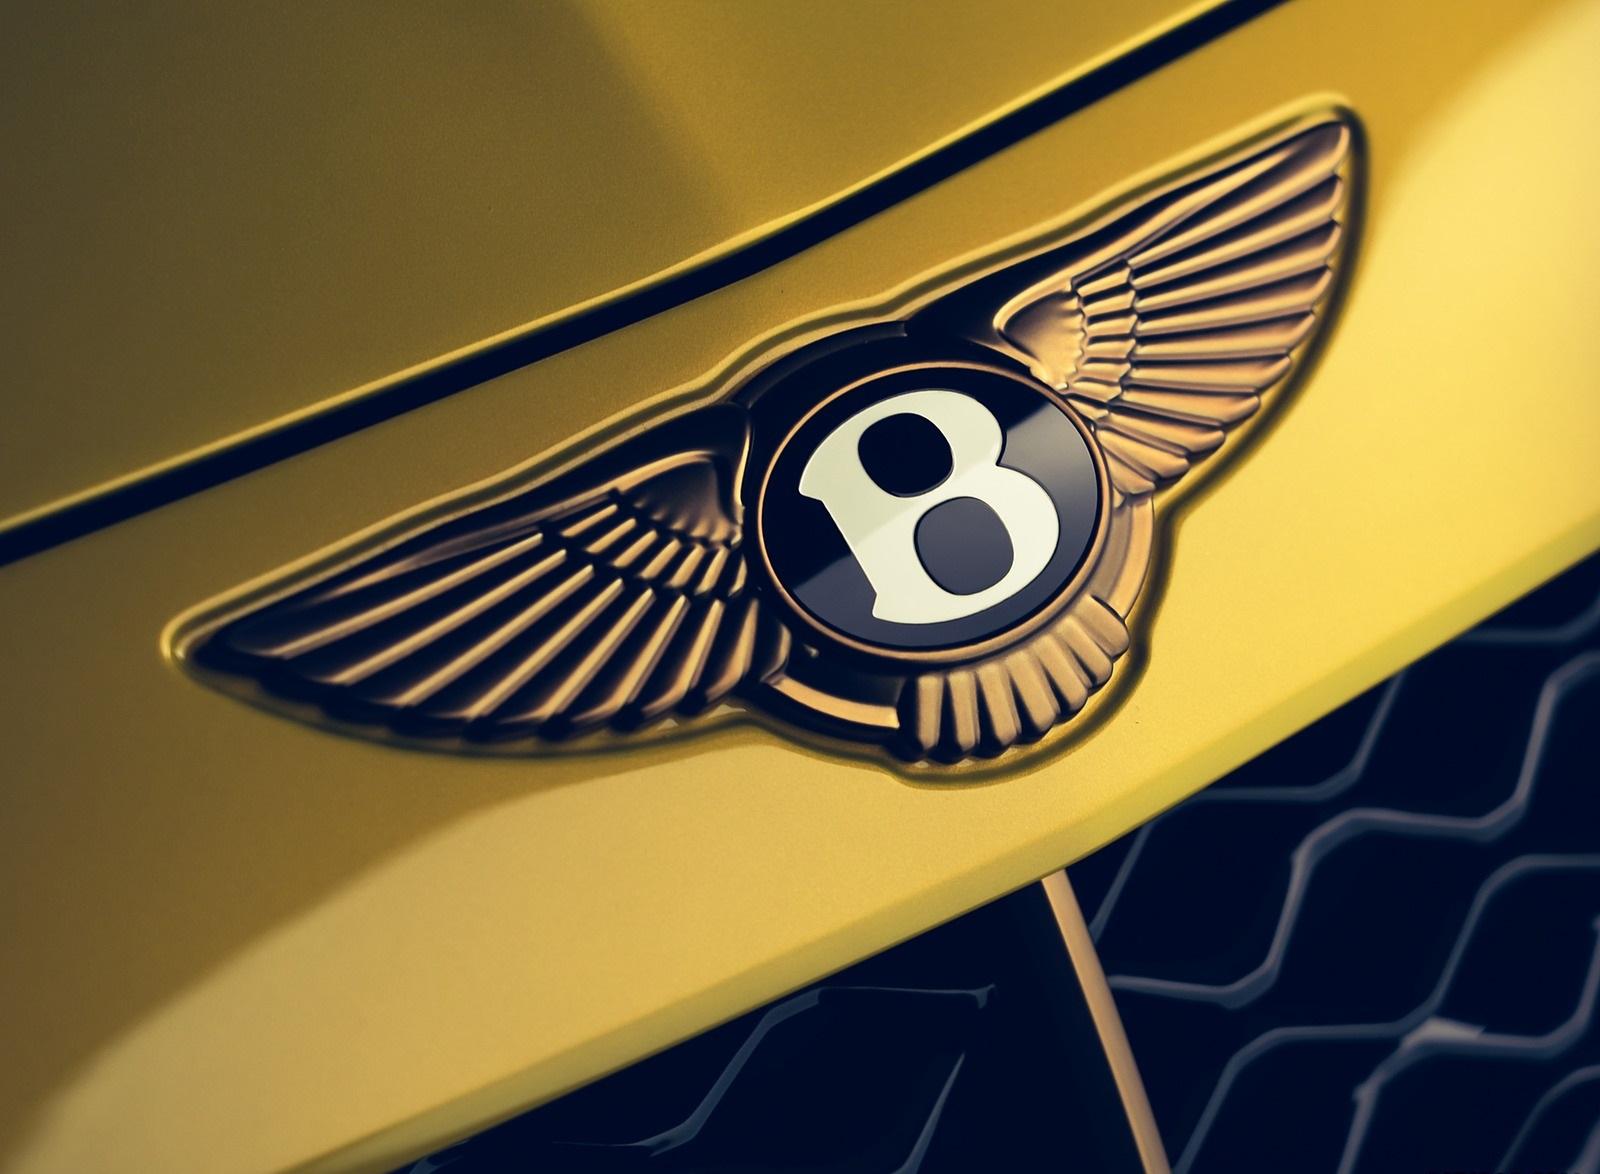 2021 Bentley Mulliner Bacalar Badge Wallpapers (9)